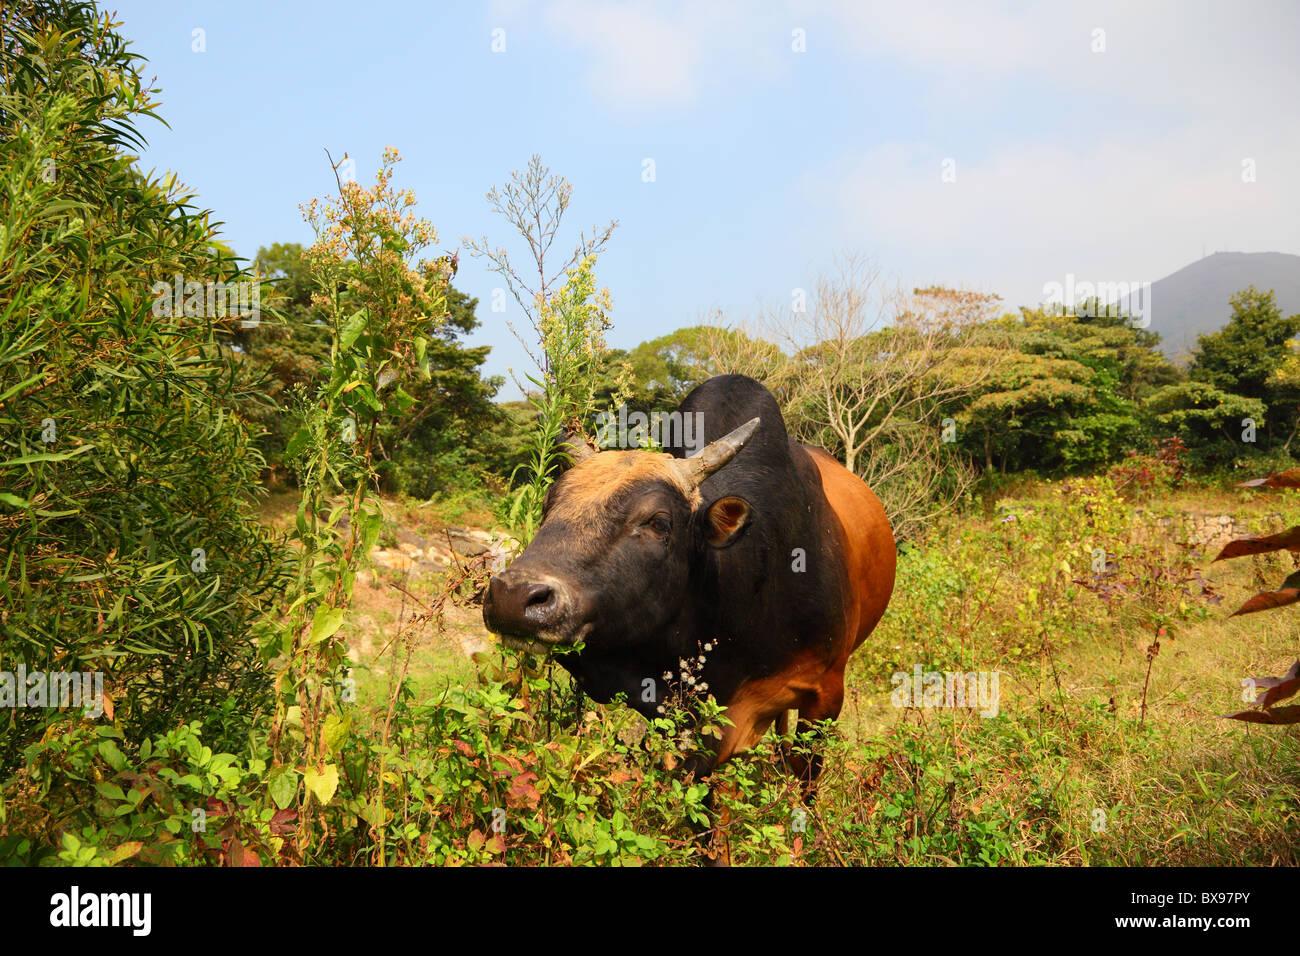 Cow on Lantau Island in Hong Kong, China - Stock Image